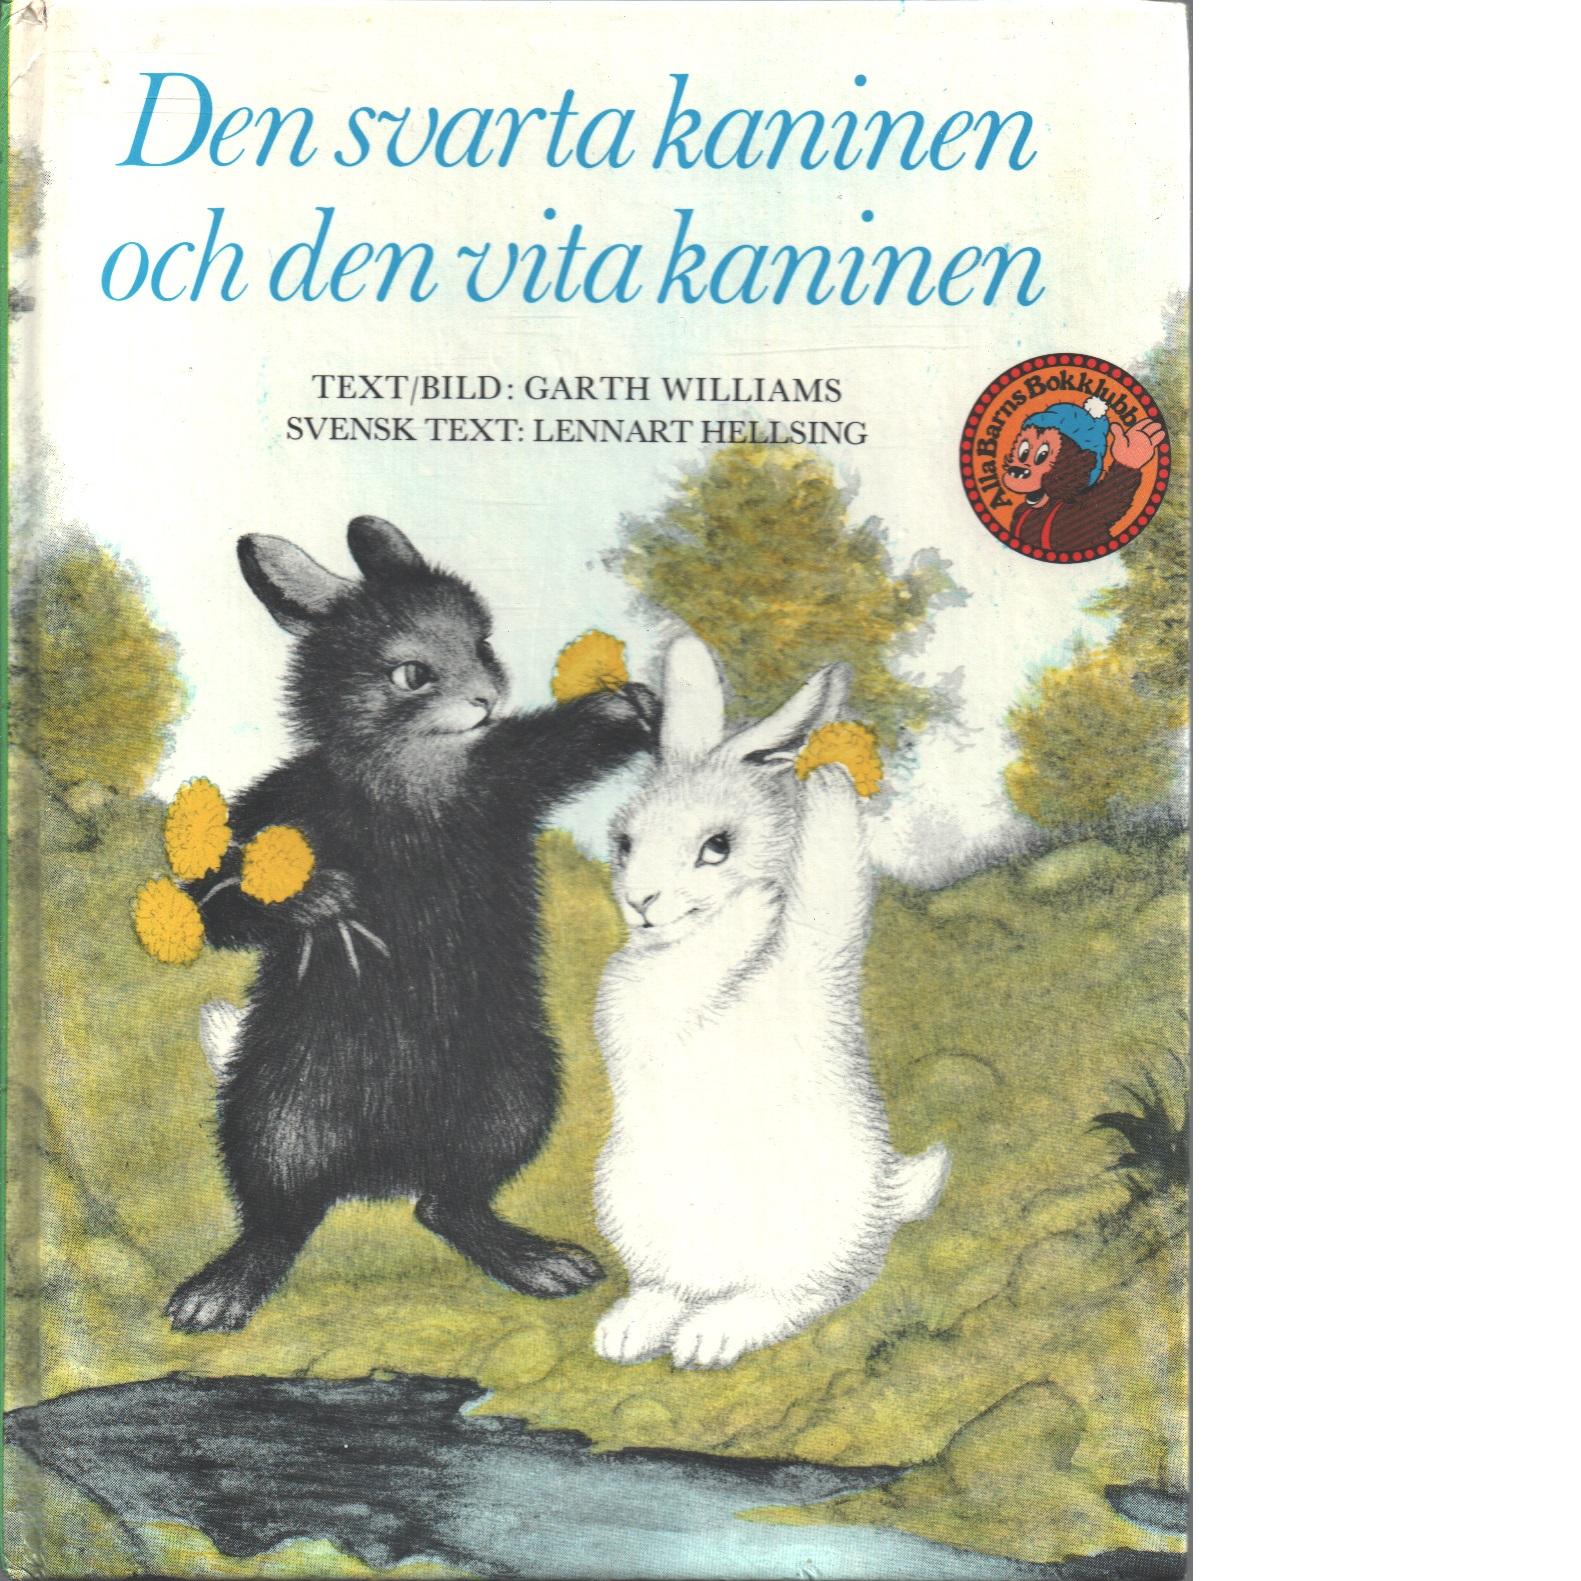 Den svarta kaninen och den vita kaninen - Williams, Garth